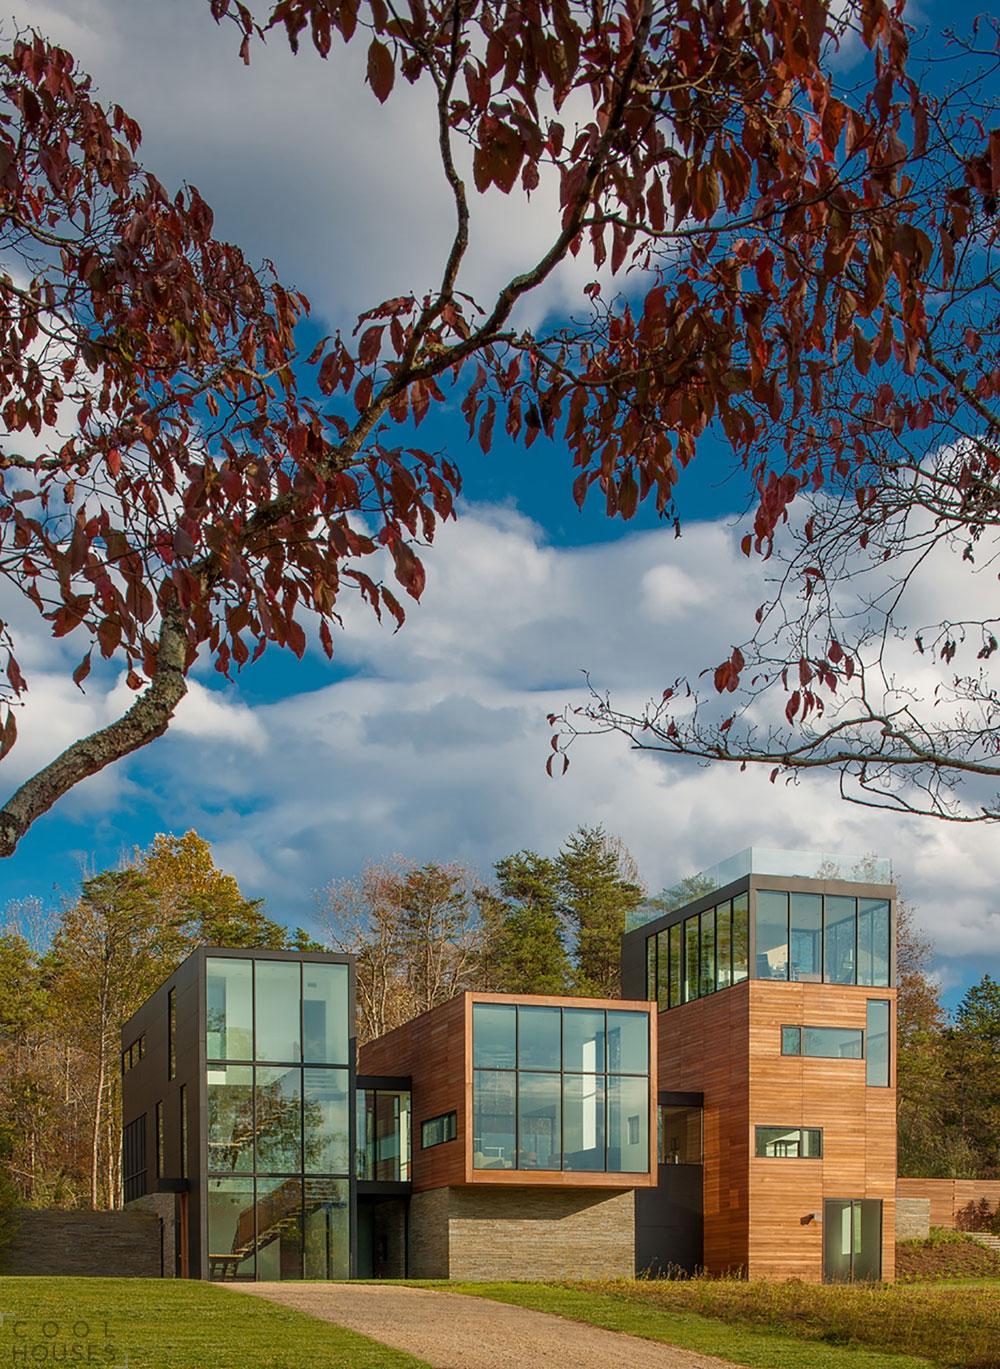 Прямоугольный дом - проект от студии Robert M. Gurney Architect